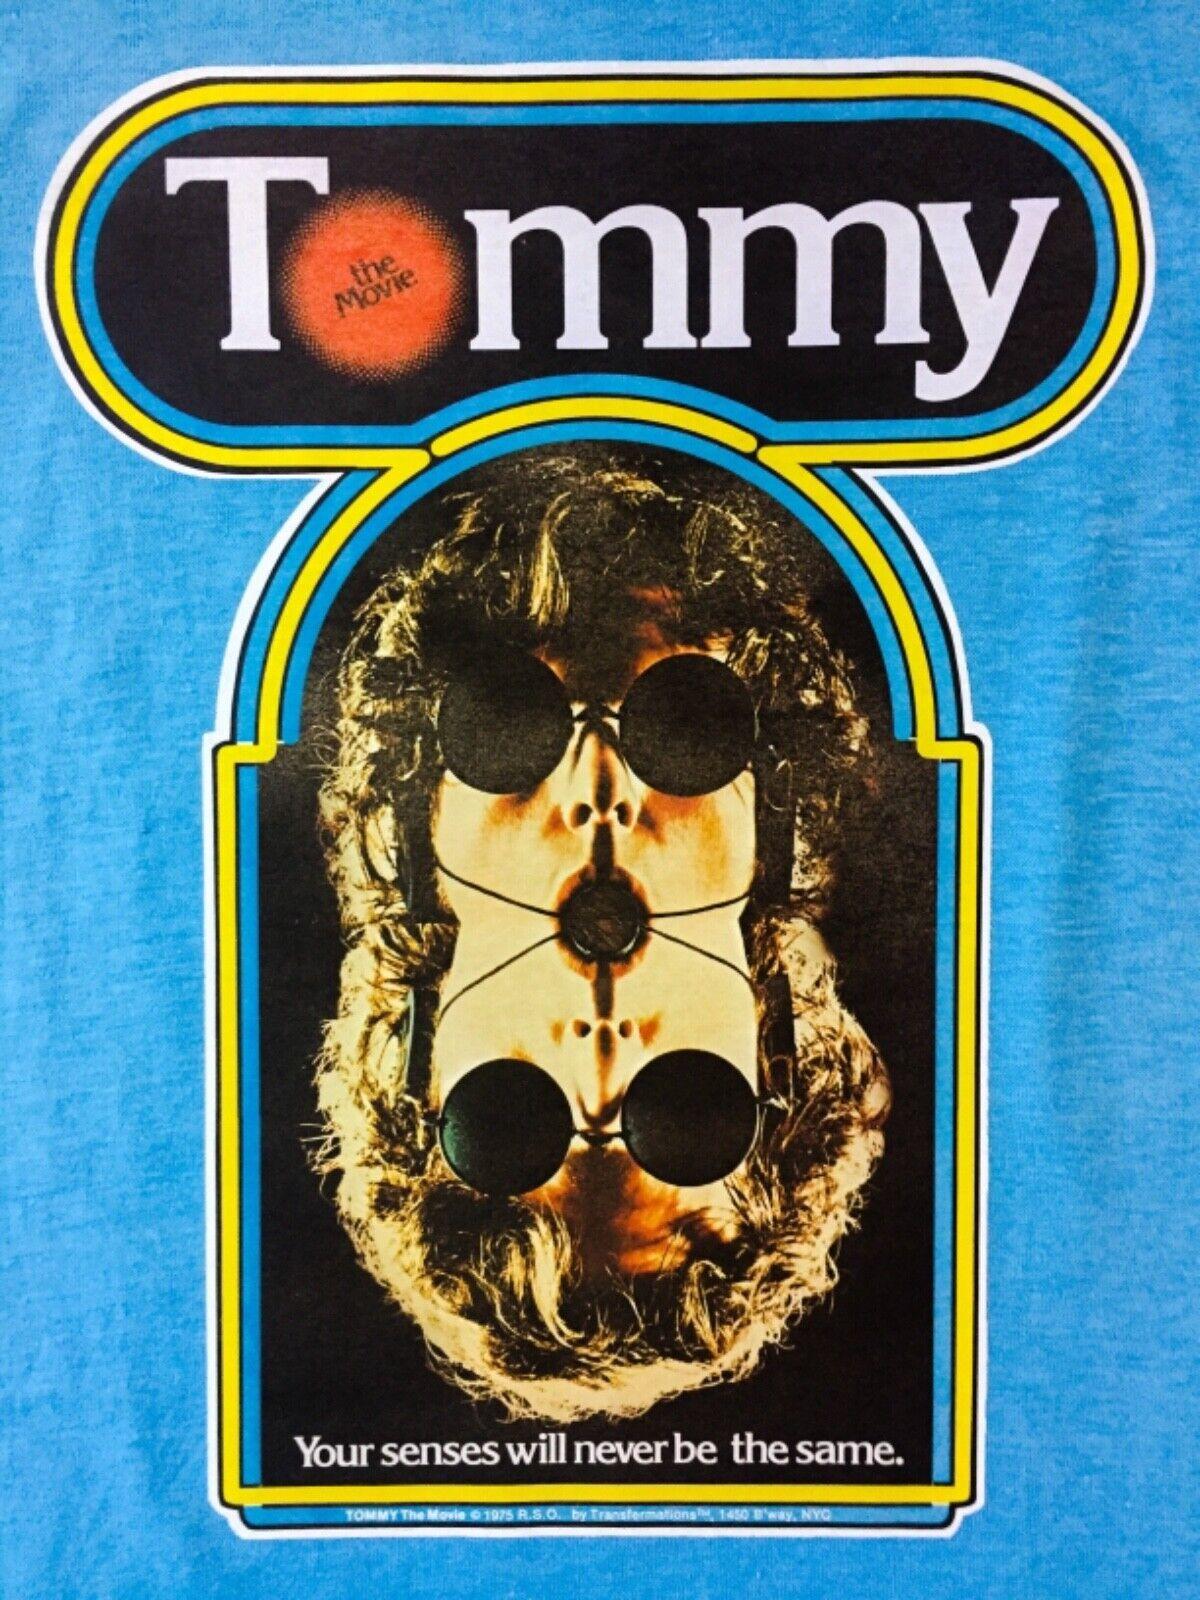 VTG Tommy ROGER DALTREY The Who Townshend Elton J… - image 2